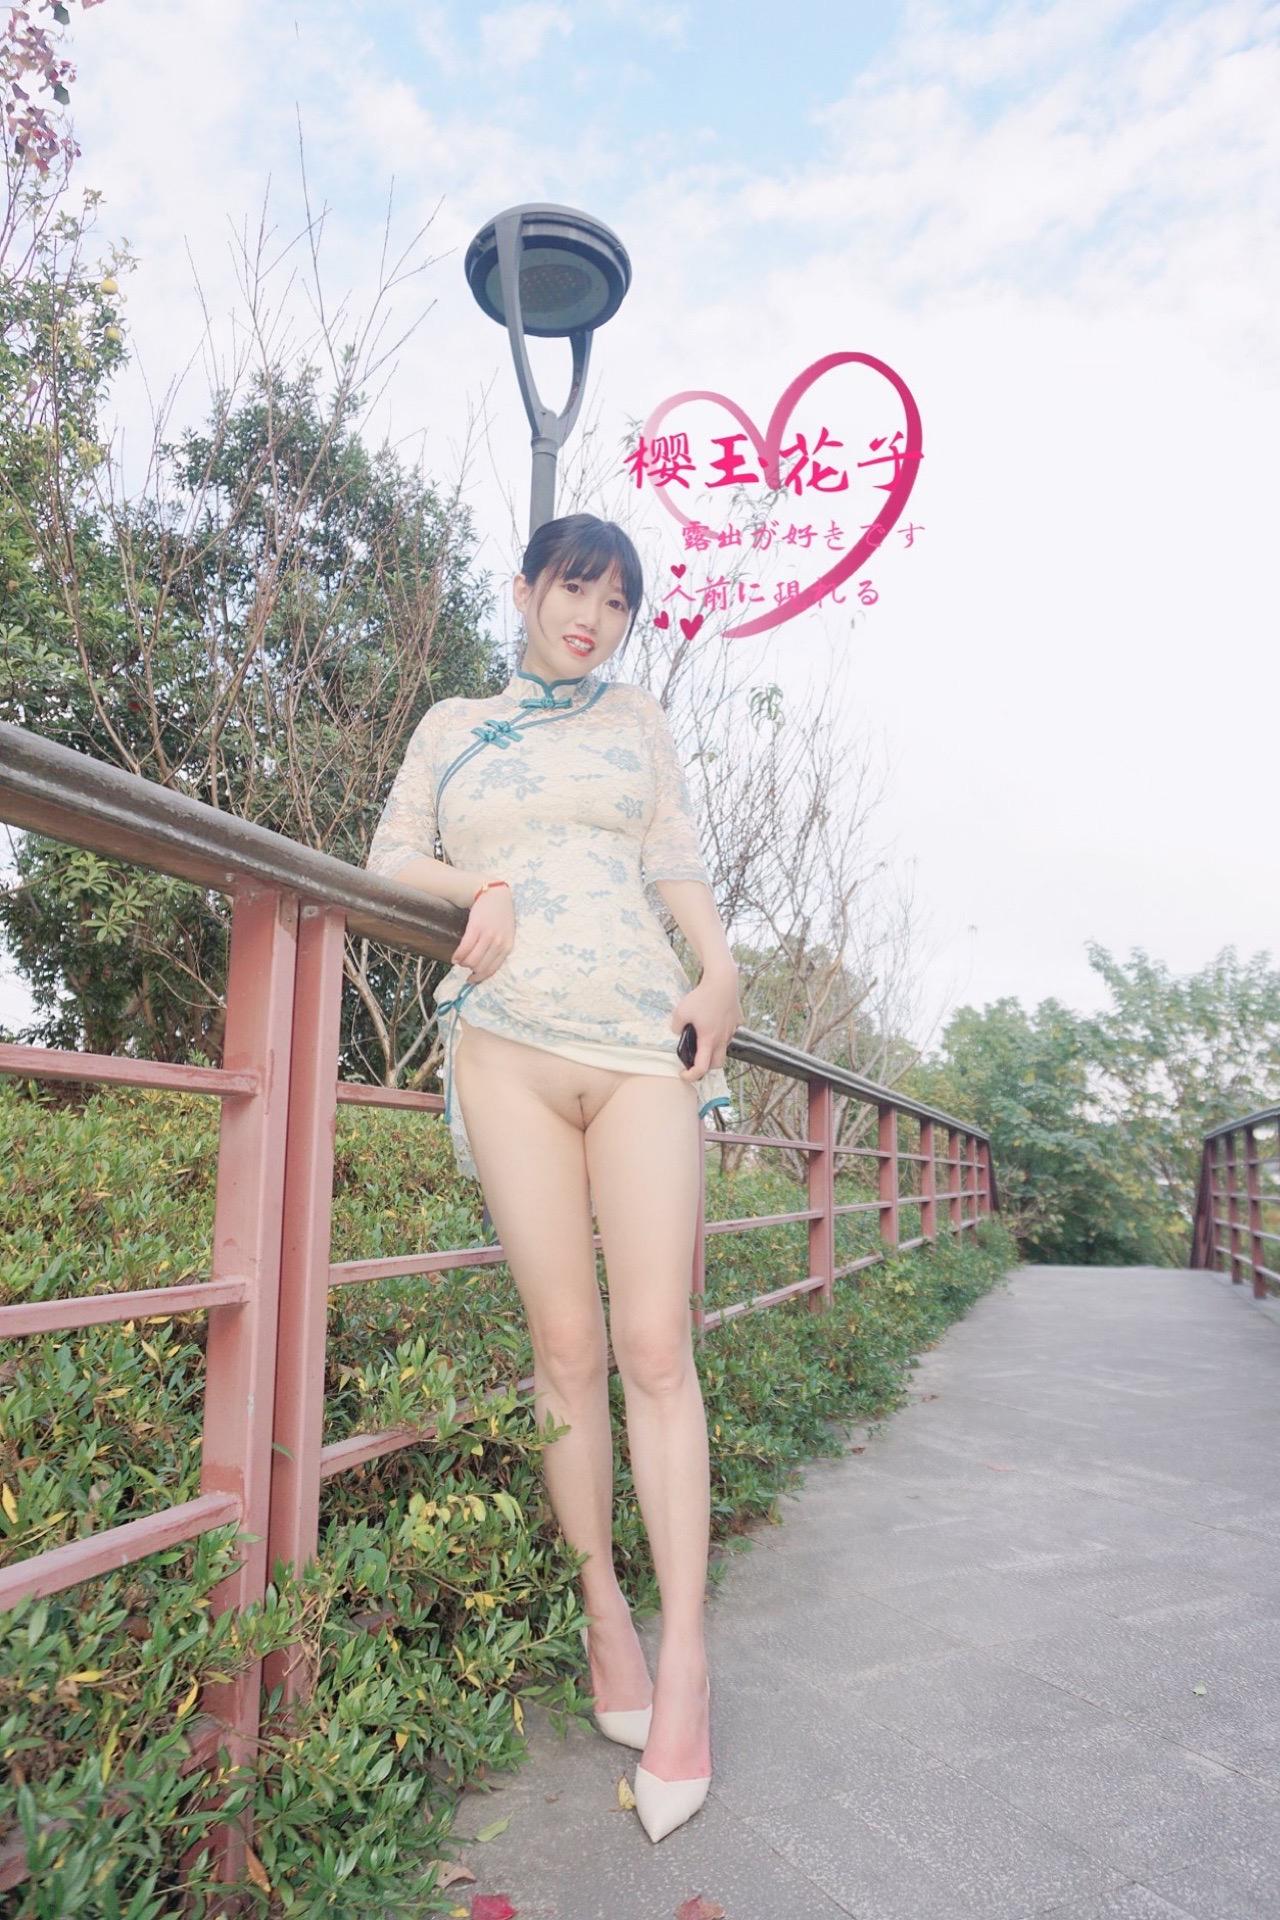 【網路收集】福利姬-櫻玉花子 漂亮的花子深秋小山公園旗袍外拍露出 - 貼圖 - 絲襪美腿 -